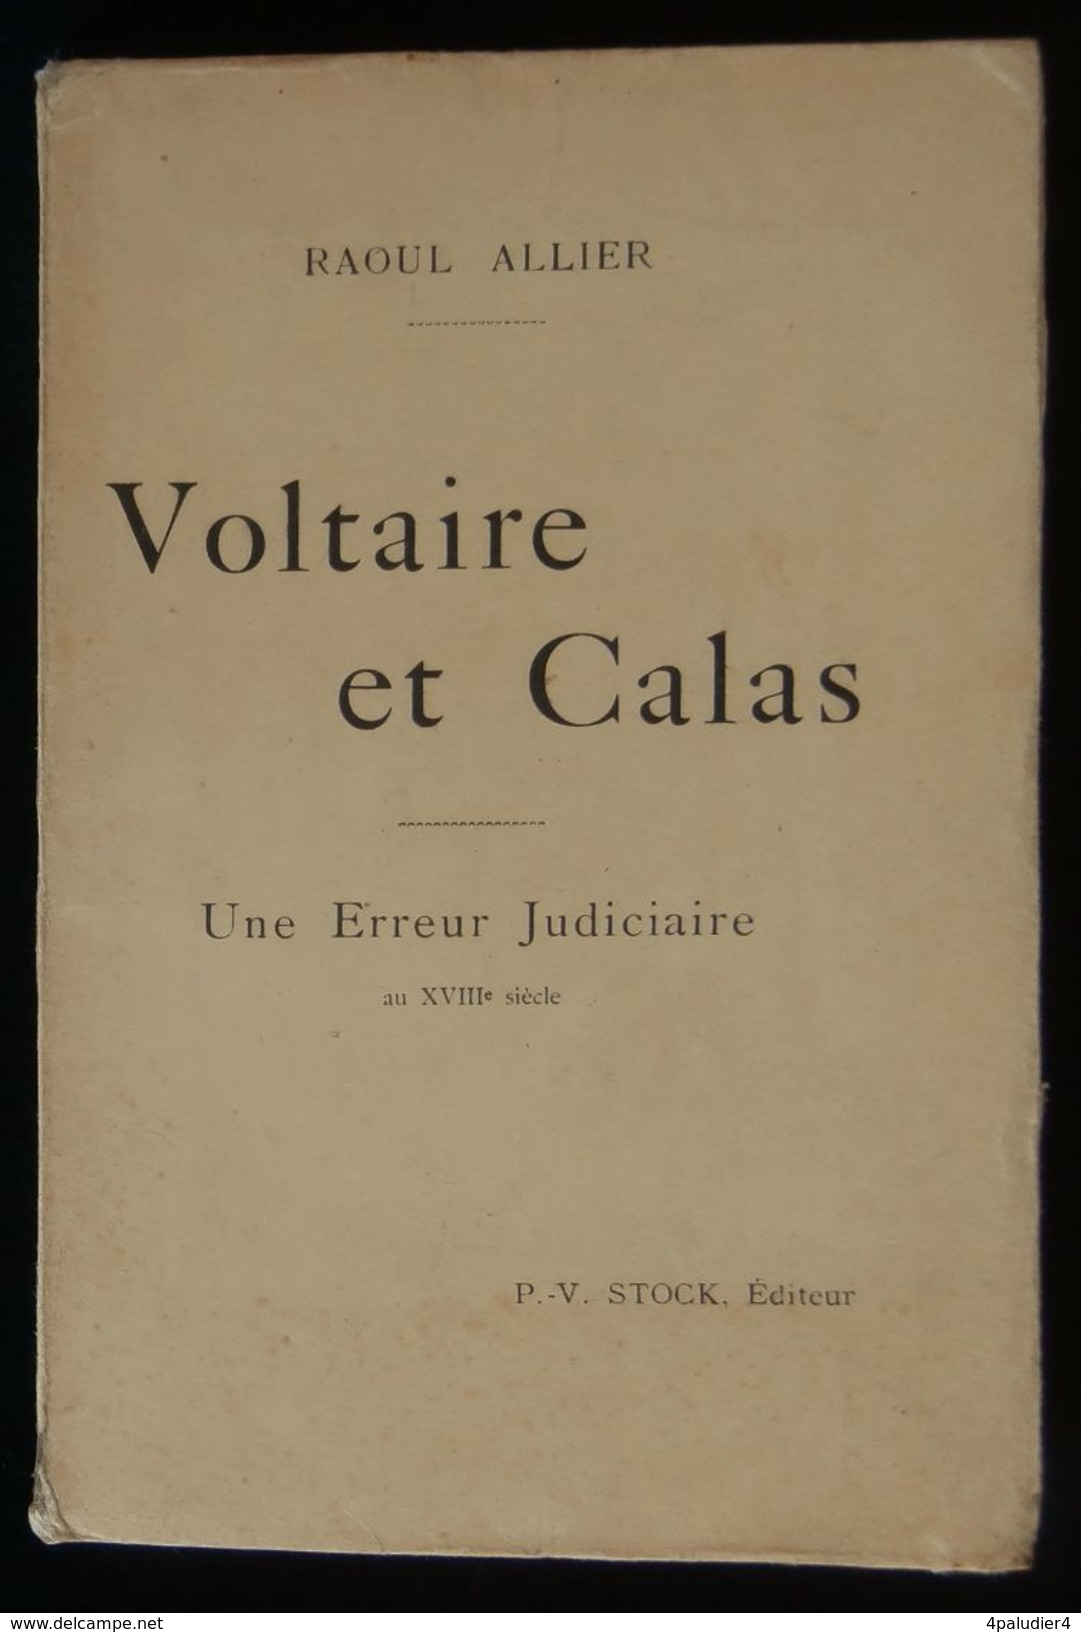 ( Droit Justice L'Affaire CALAS ) VOLTAIRE ET CALAS, Une Erreur Judiciaire Au XVIIIe Siècle Raoul ALLIER 1898 - Recht